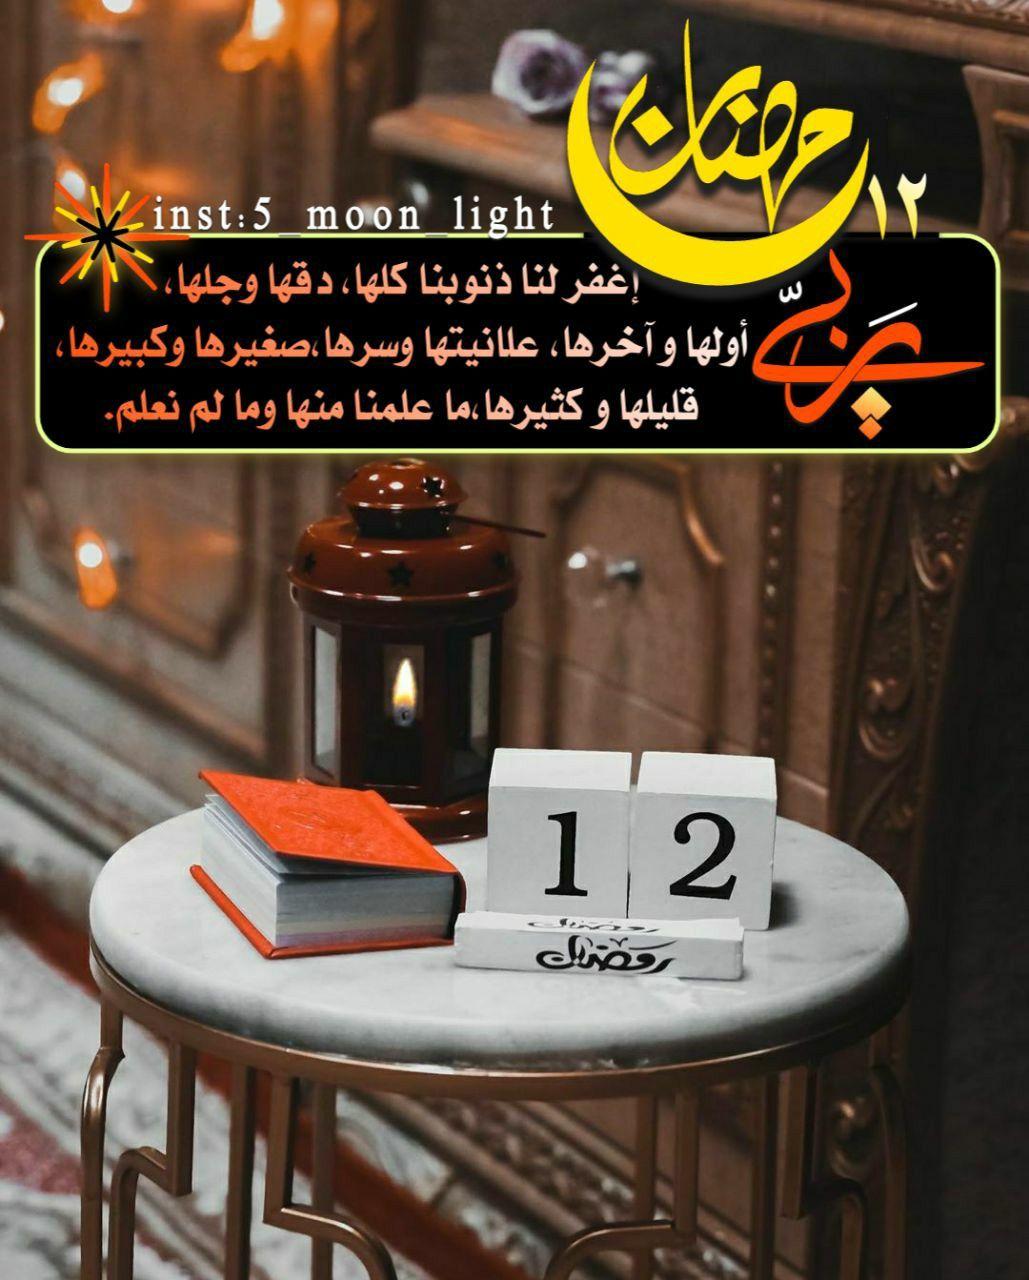 رمضان كريم رمضان يجمعنا اهلا رمضان اهلا رمضان تصميمي تصميم رمزيات رمزيات رمضان رمضان رمزيات Ramadan Company Logo Tech Company Logos